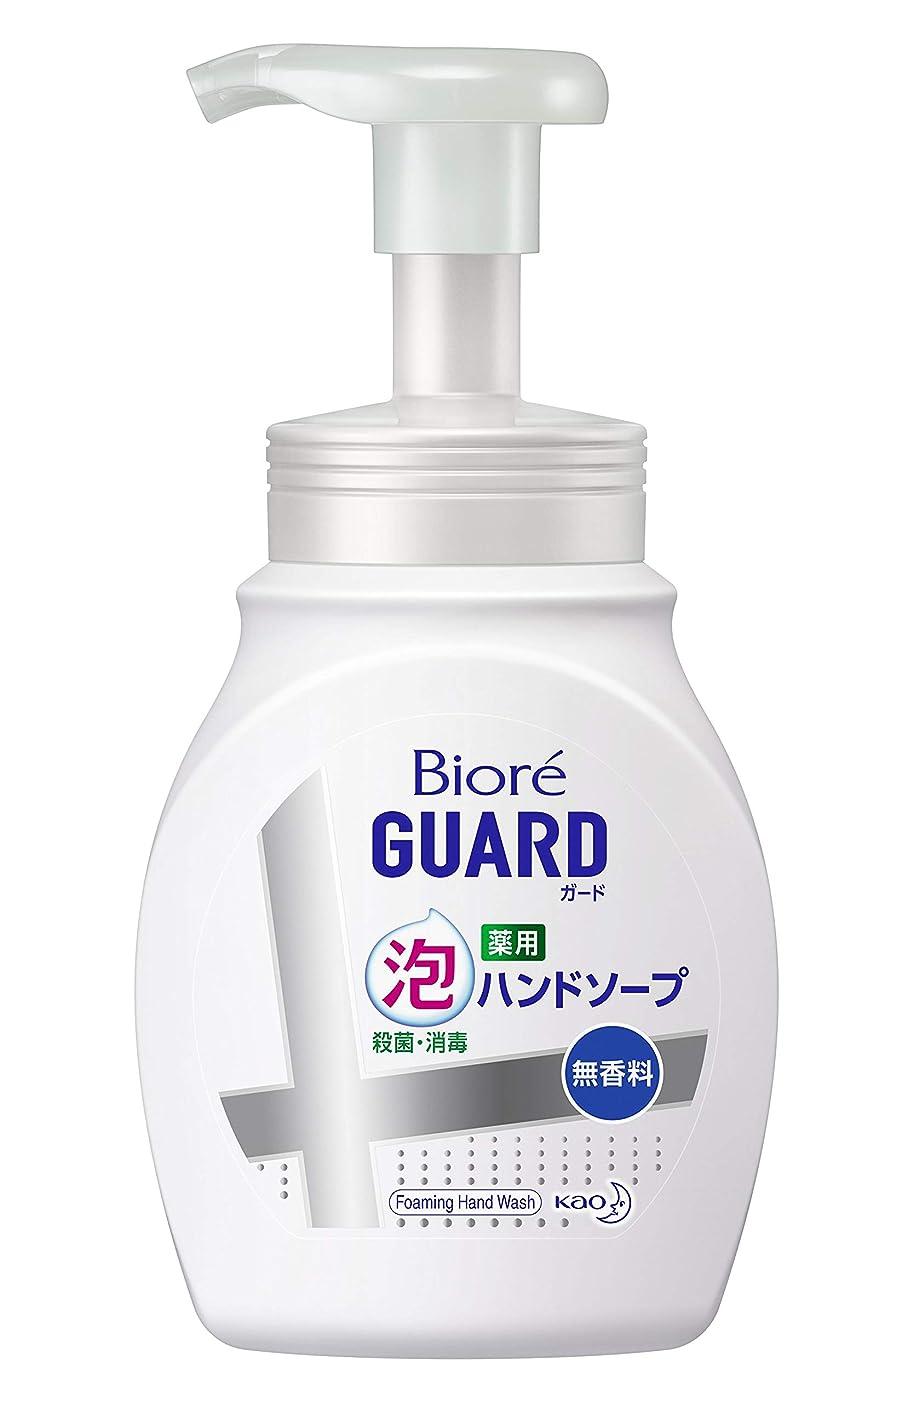 暴力的ないつか寸法ビオレガード薬用泡ハンドソープ 無香料 ポンプ 250ml